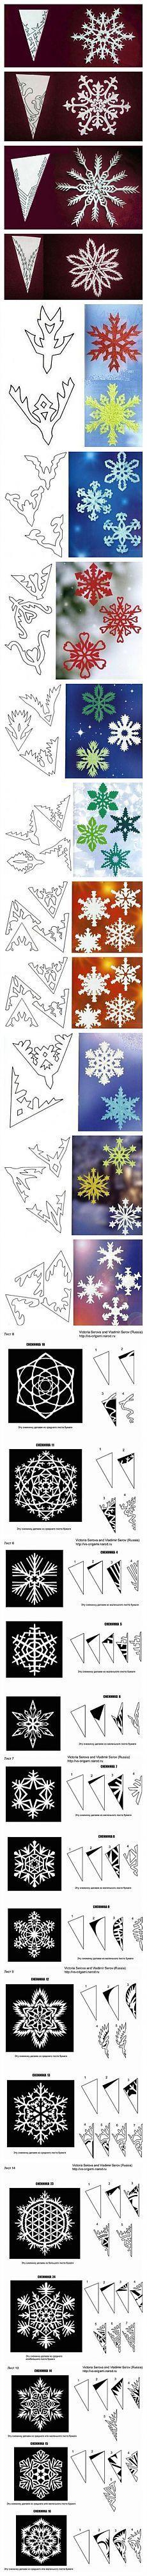 Flocos de neve cortado do papel